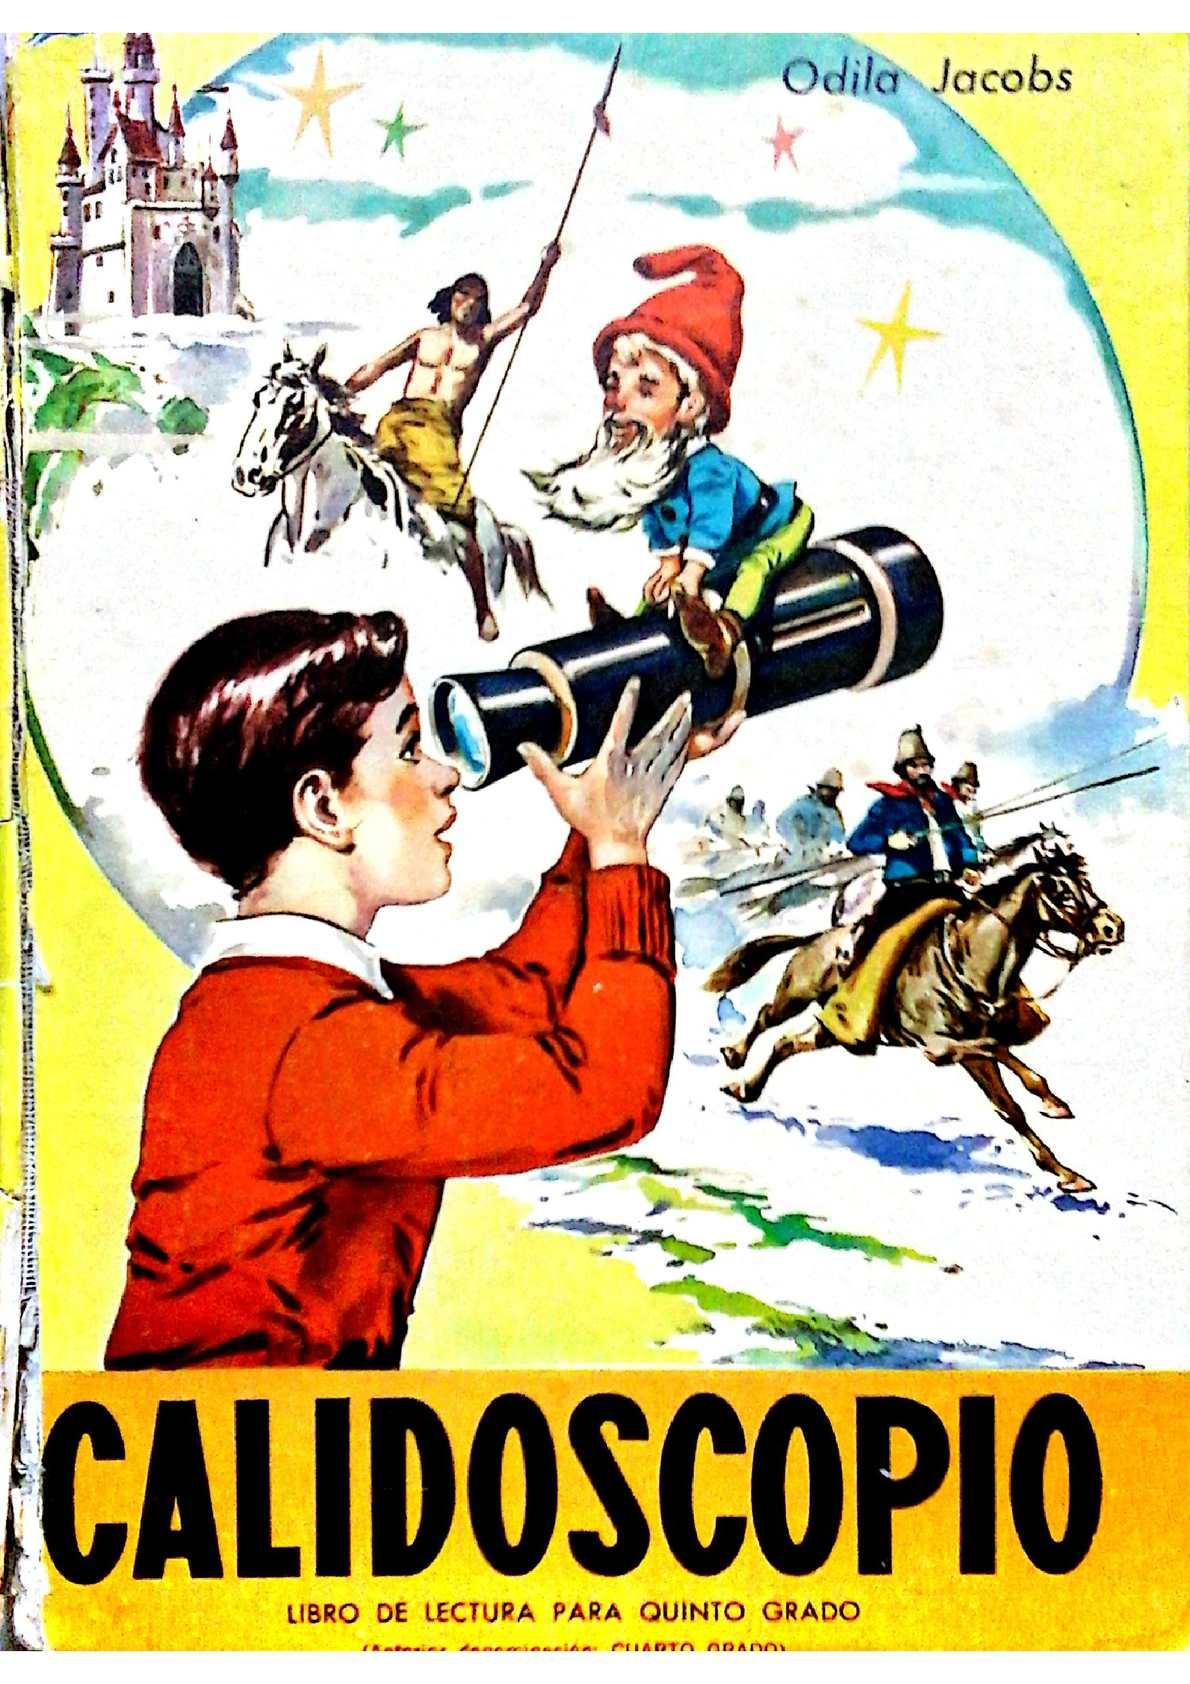 Calidoscopio. Libro de lectura para quinto grado